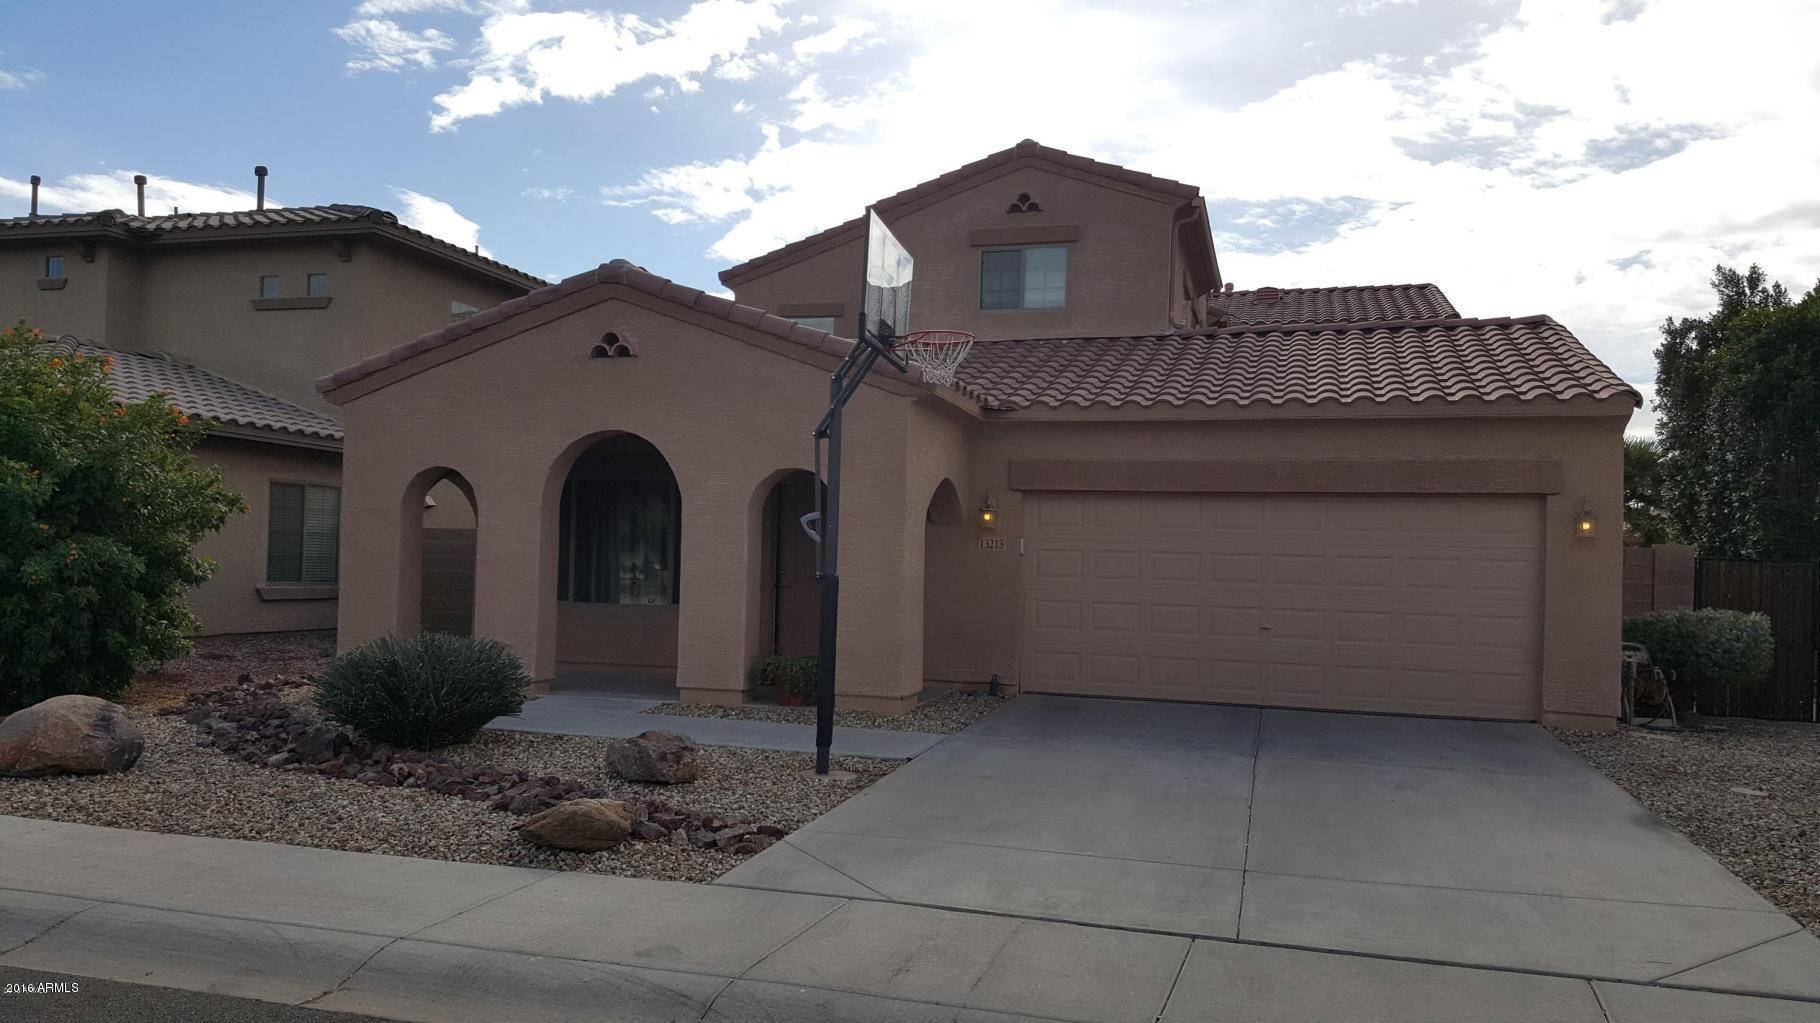 13213 W FAIRMONT Avenue, Litchfield Park, AZ 85340 - MLS#: 6224300